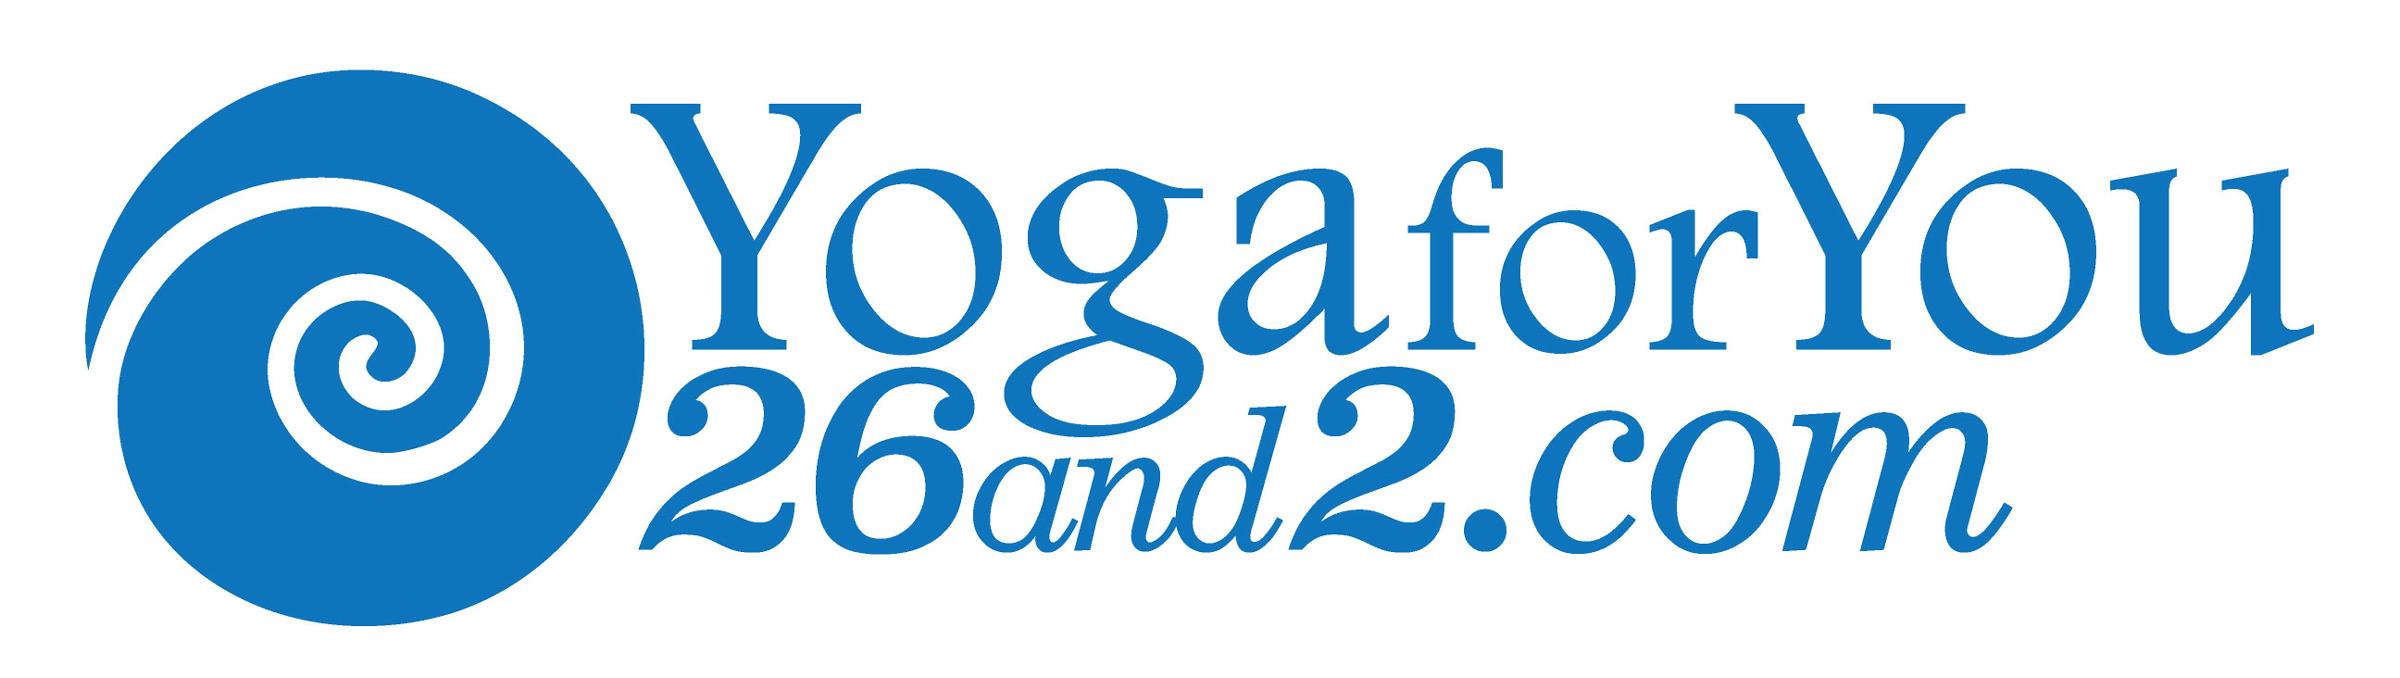 26and2.com Retina Logo